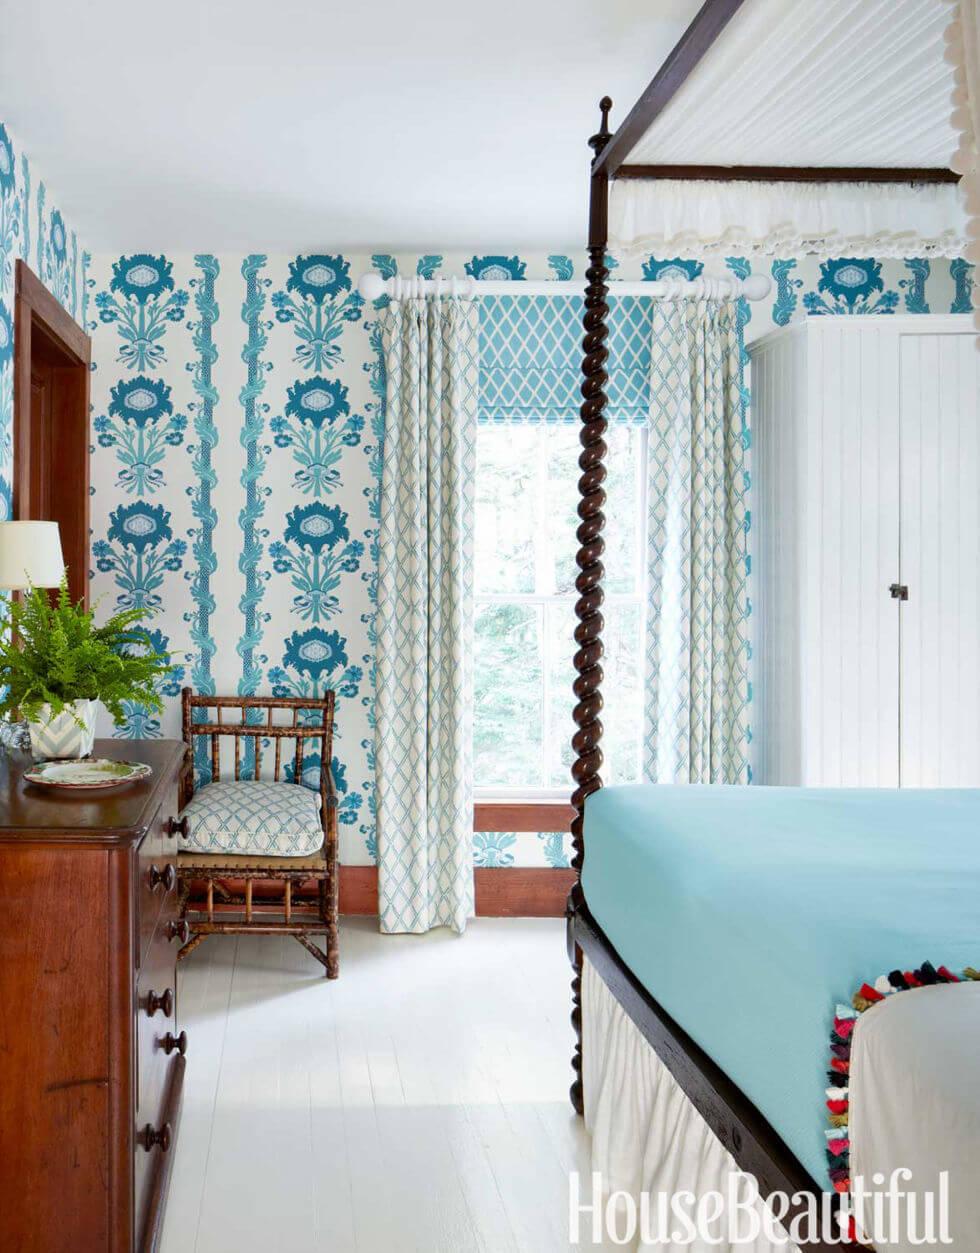 Mỗi tông xanh mang đến một hiệu ứng khác nhau. Ở không gian nhà đẹp trên, xanh baby mang đến nét yên bình và thân thiện thay vì sang trọng và vương giả so với xanh coban.